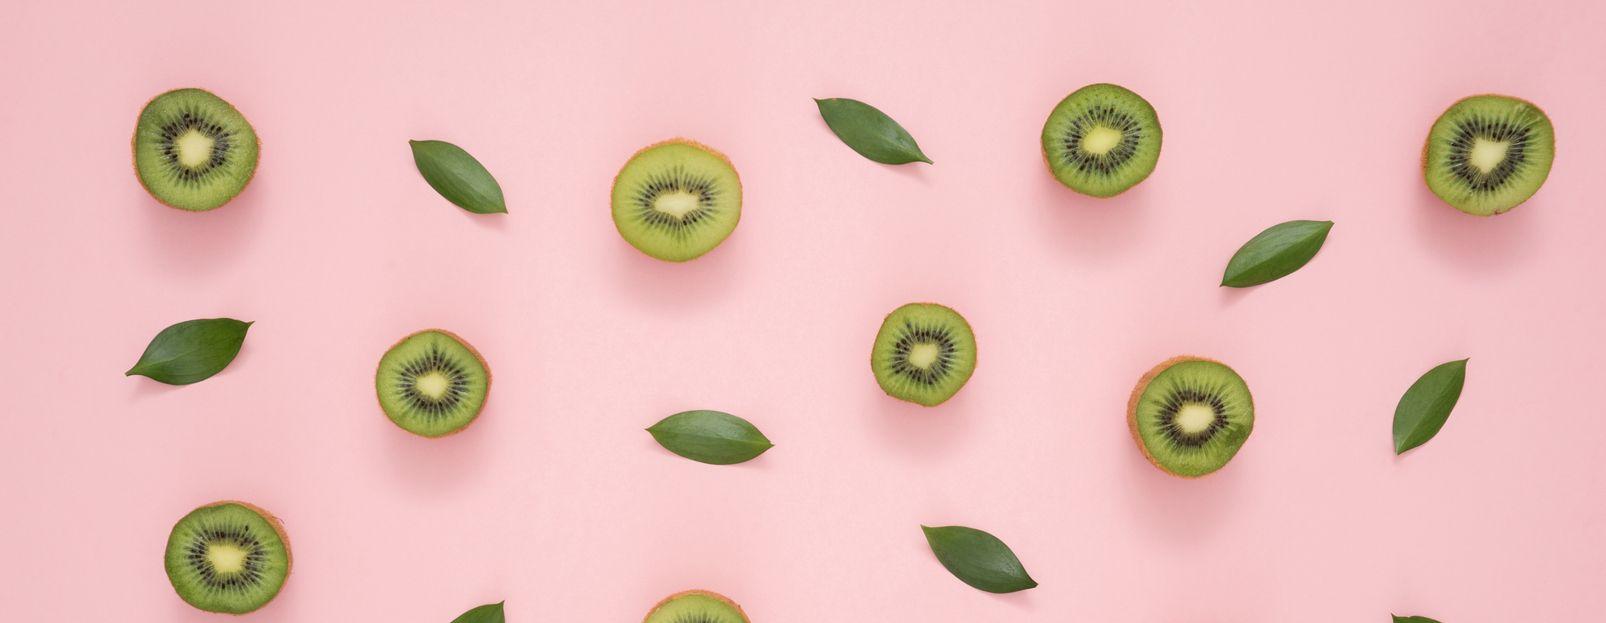 ¿Qué son los alimentos reguladores y para qué sirven? - Featured image